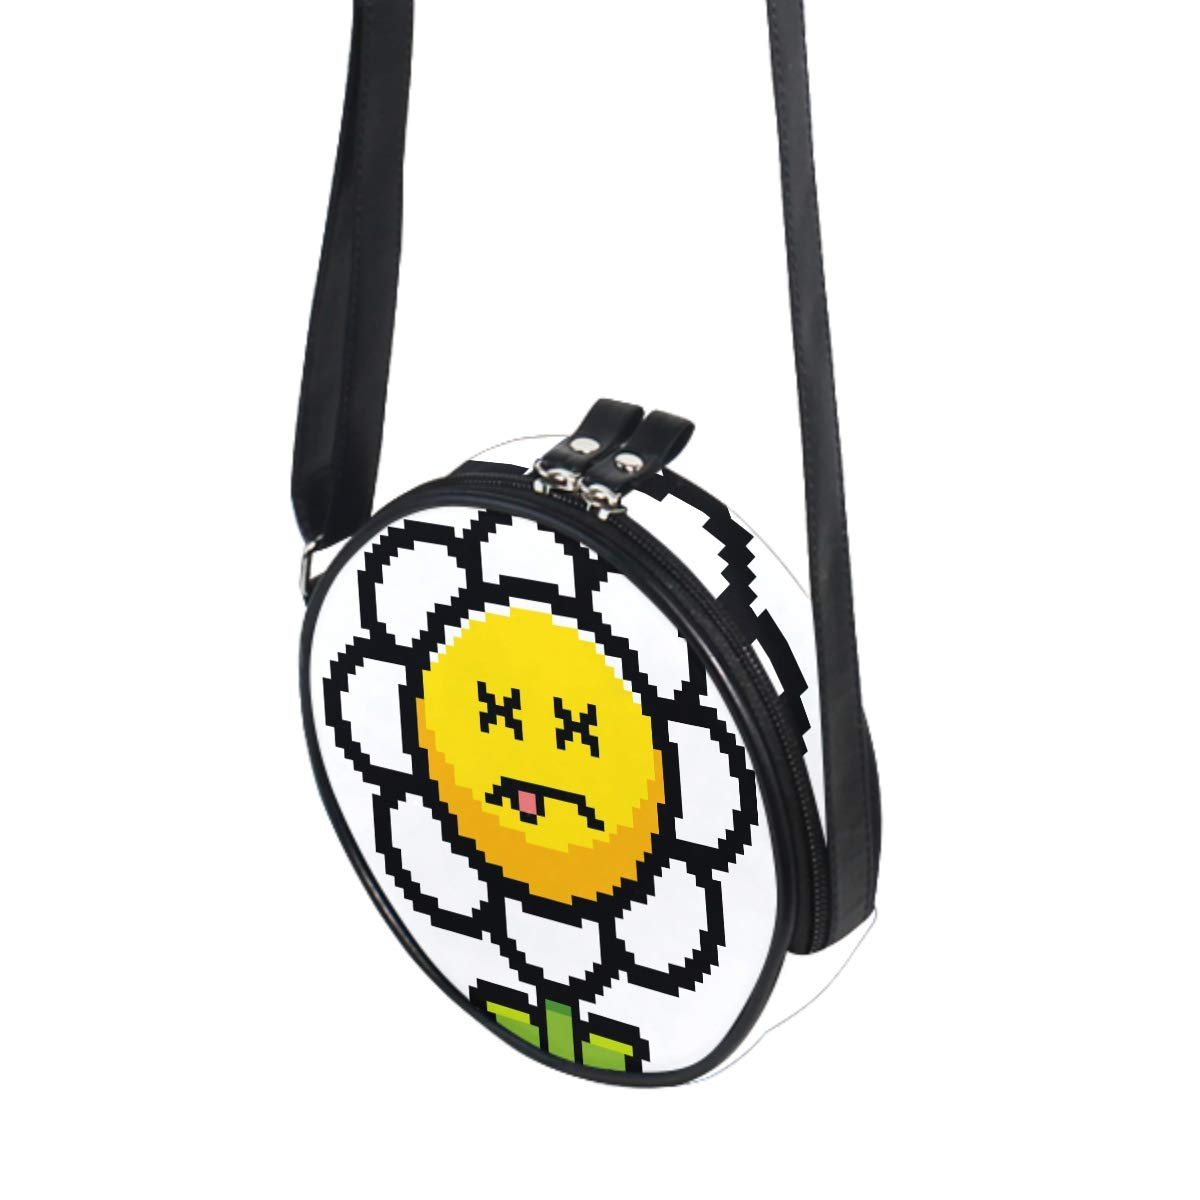 Cartoon Sunflower Small Round Canvas Crossbody Messenger Bags for Women